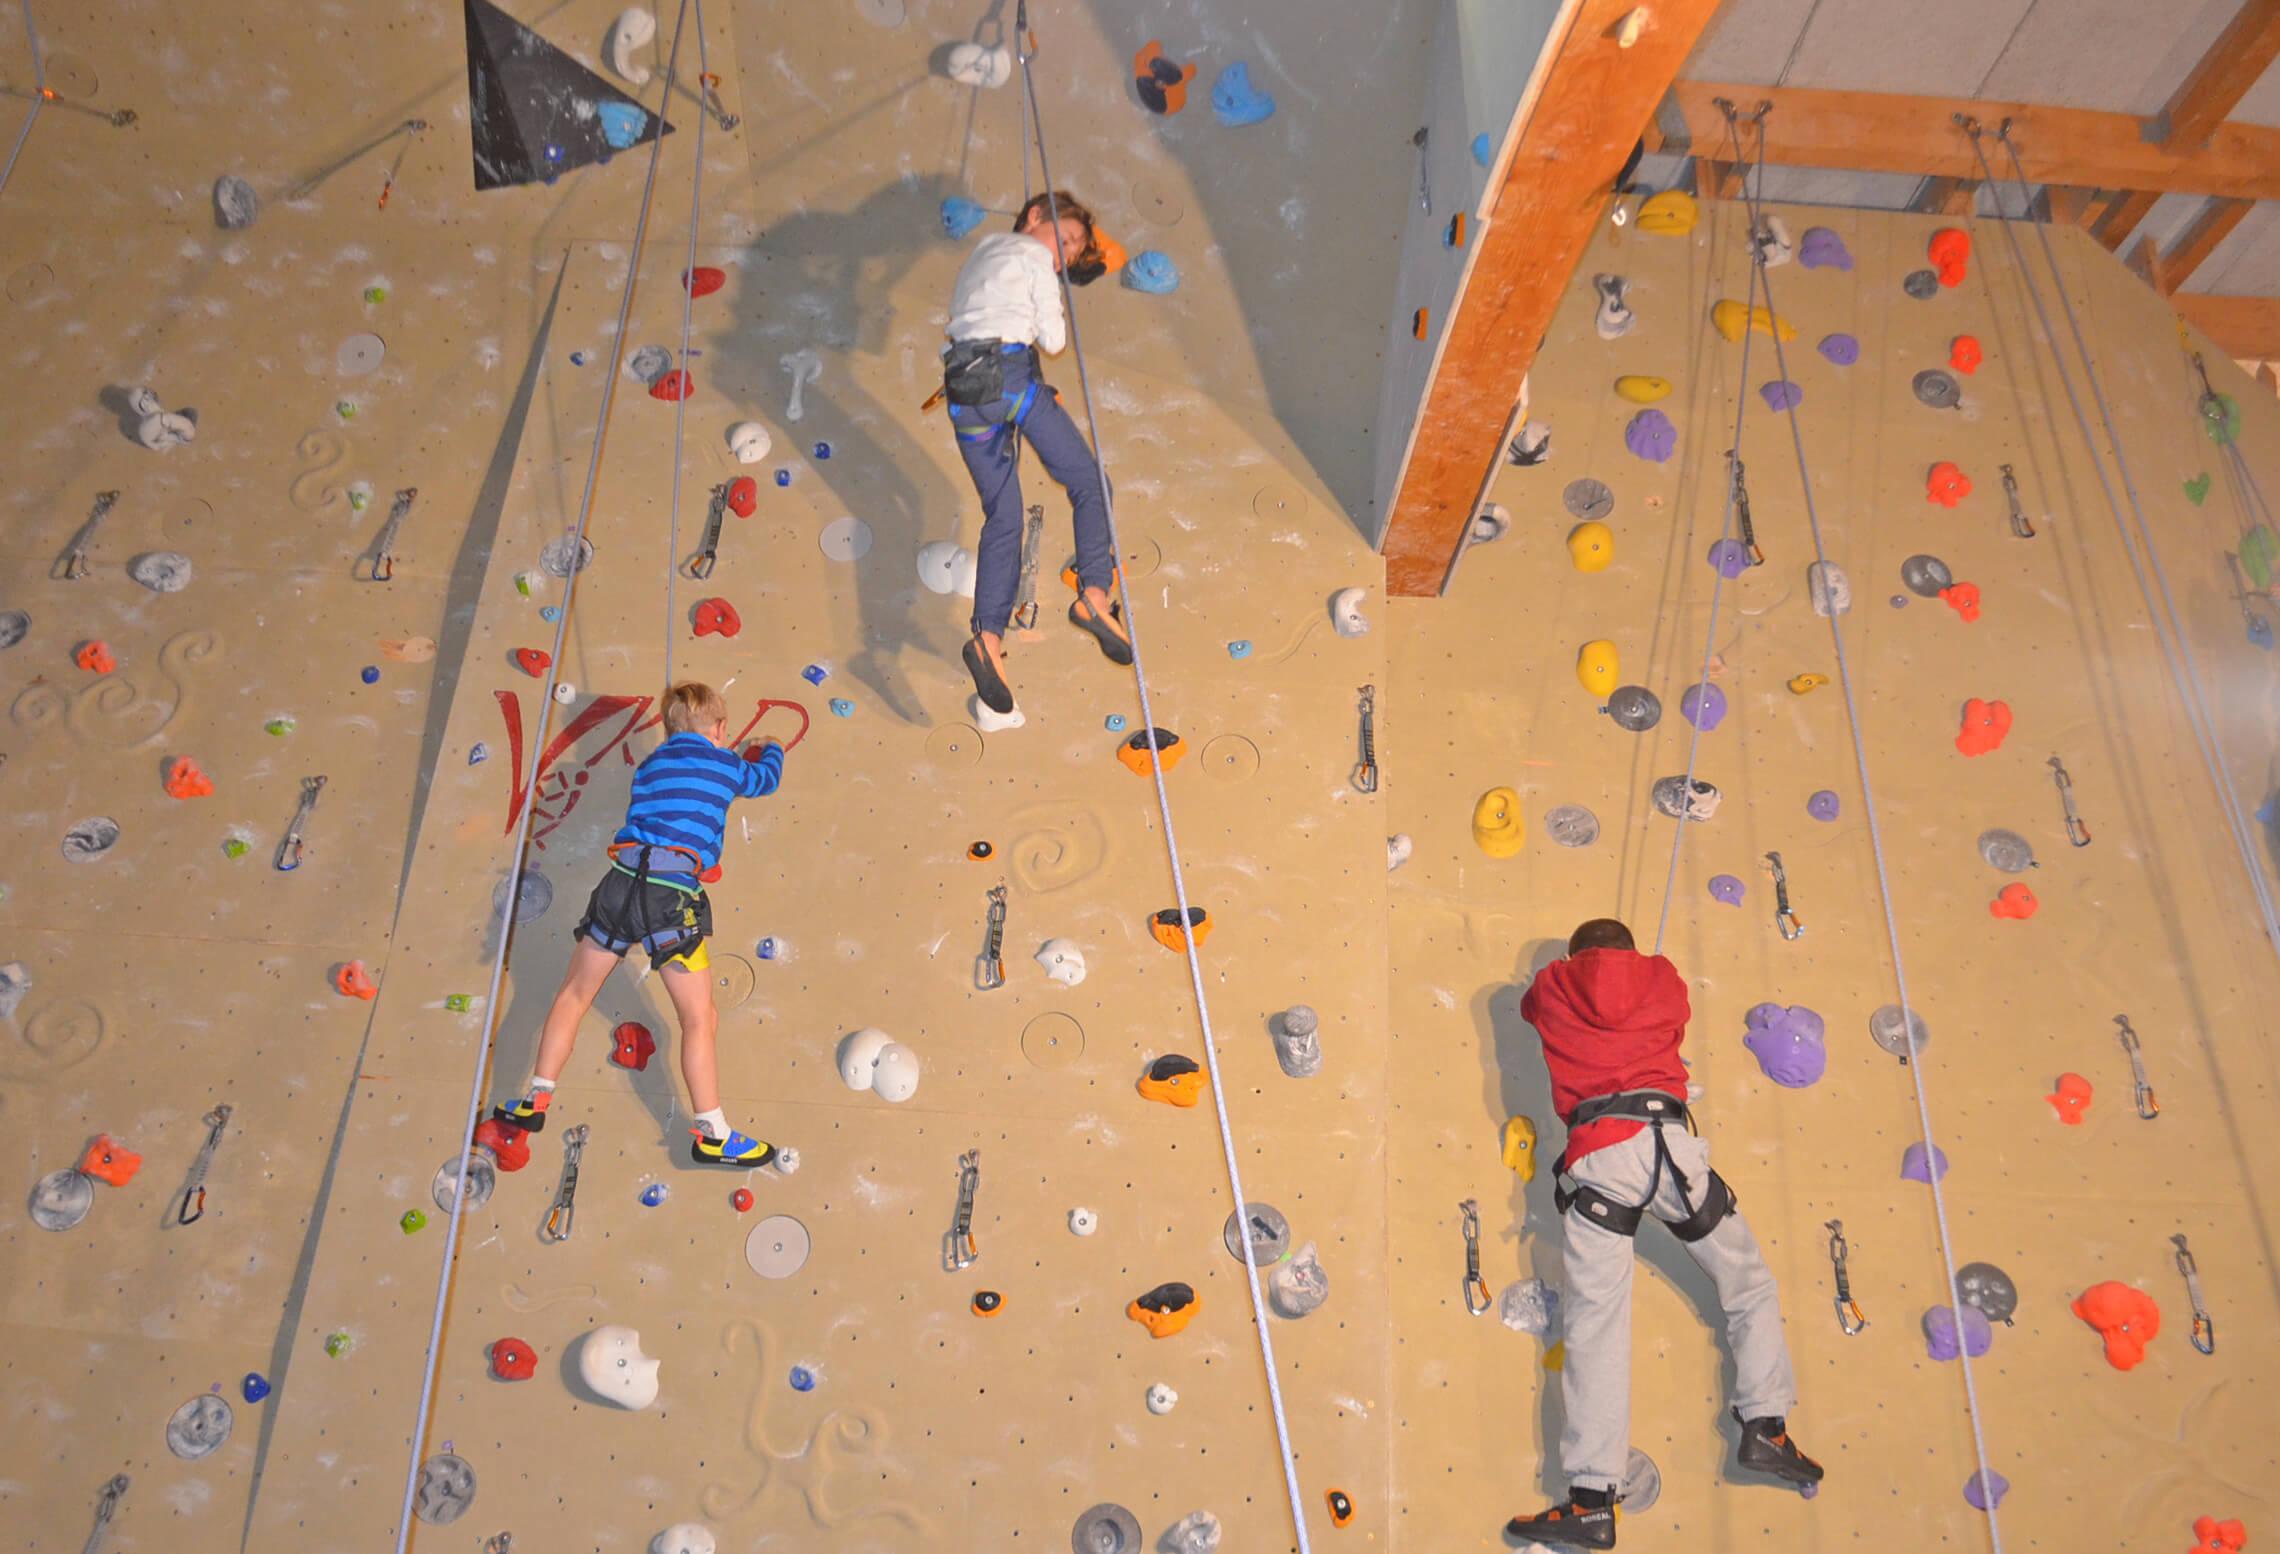 Kletterwand mit über 30 Routen